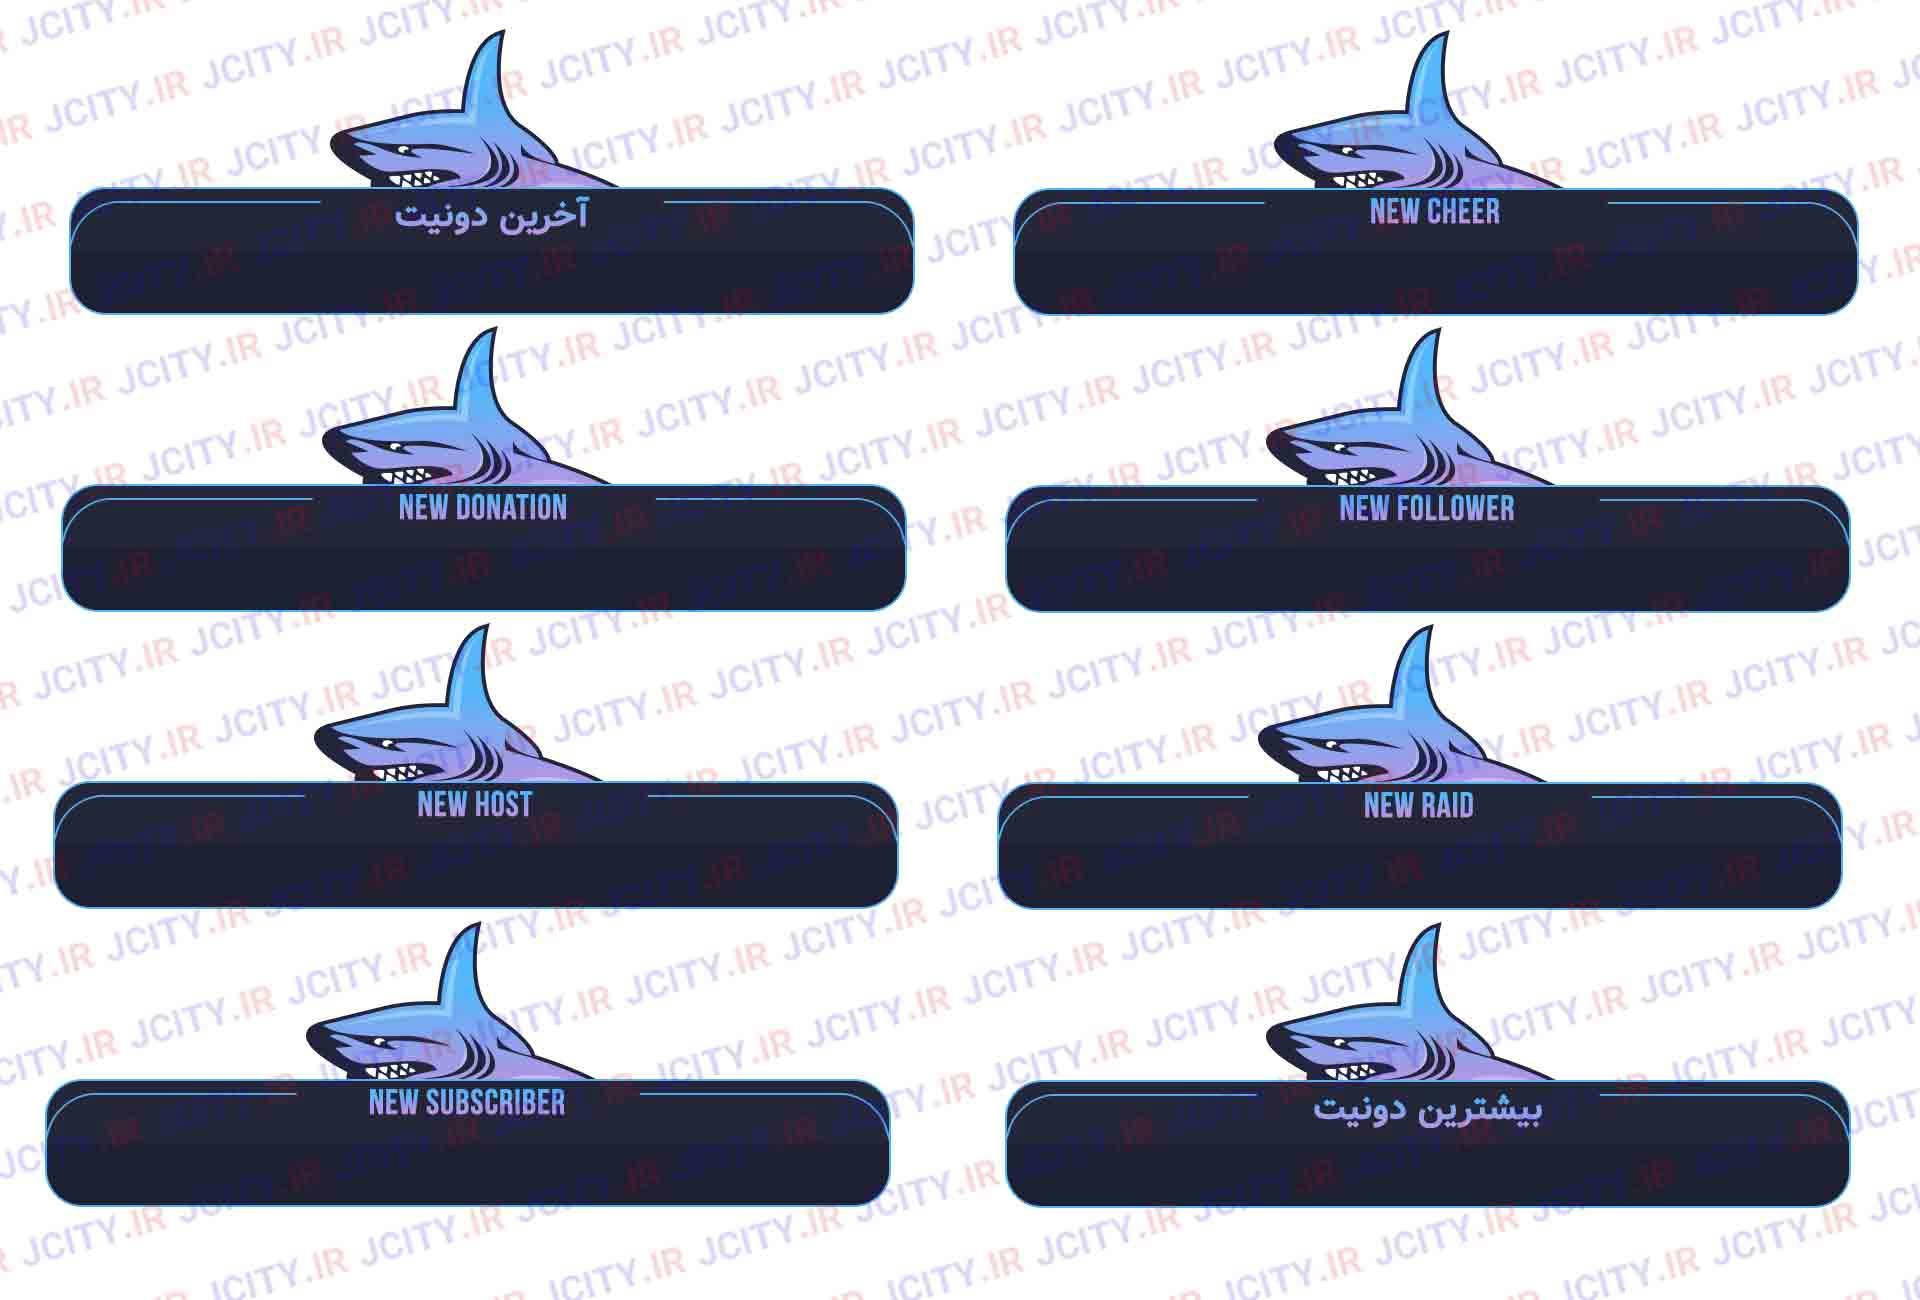 دانلود پکیج اورلی کوسه Shark برای استریم و obs